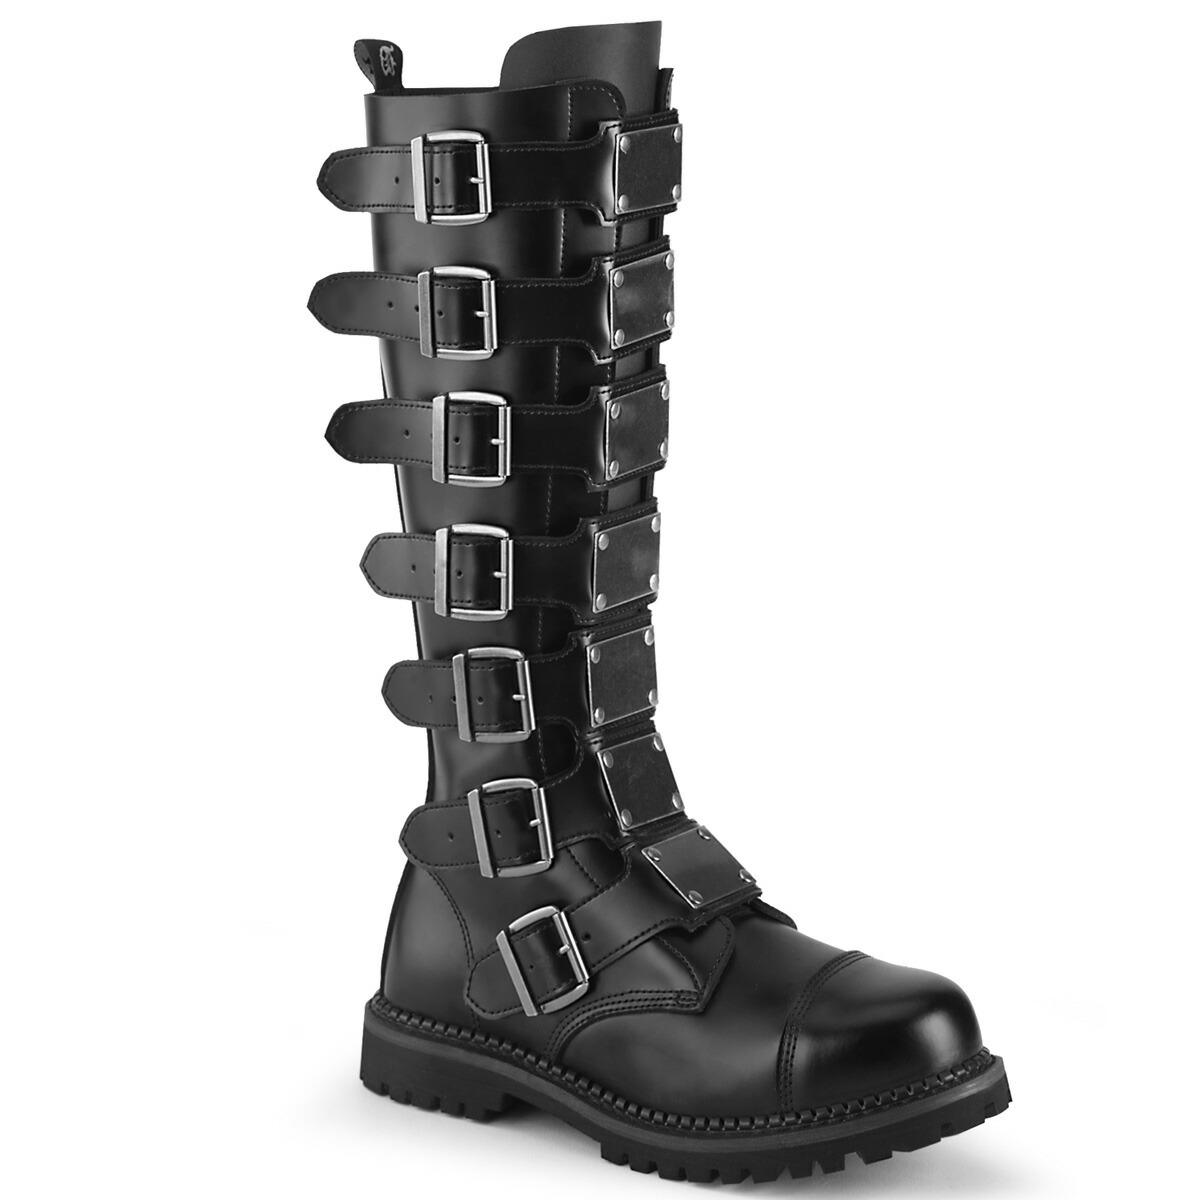 DEMONIA【取り寄せ】マルチプルバックルメタルプレートロングブーツ/品番:RIOT-21MP/RIOT21MP/2cmソール/ゴシック/原宿系/原宿ファッション/フェティッシュ/メンズ/ユニセックスシューズ/大きいサイズ/靴/リアルレザーブラック/黒